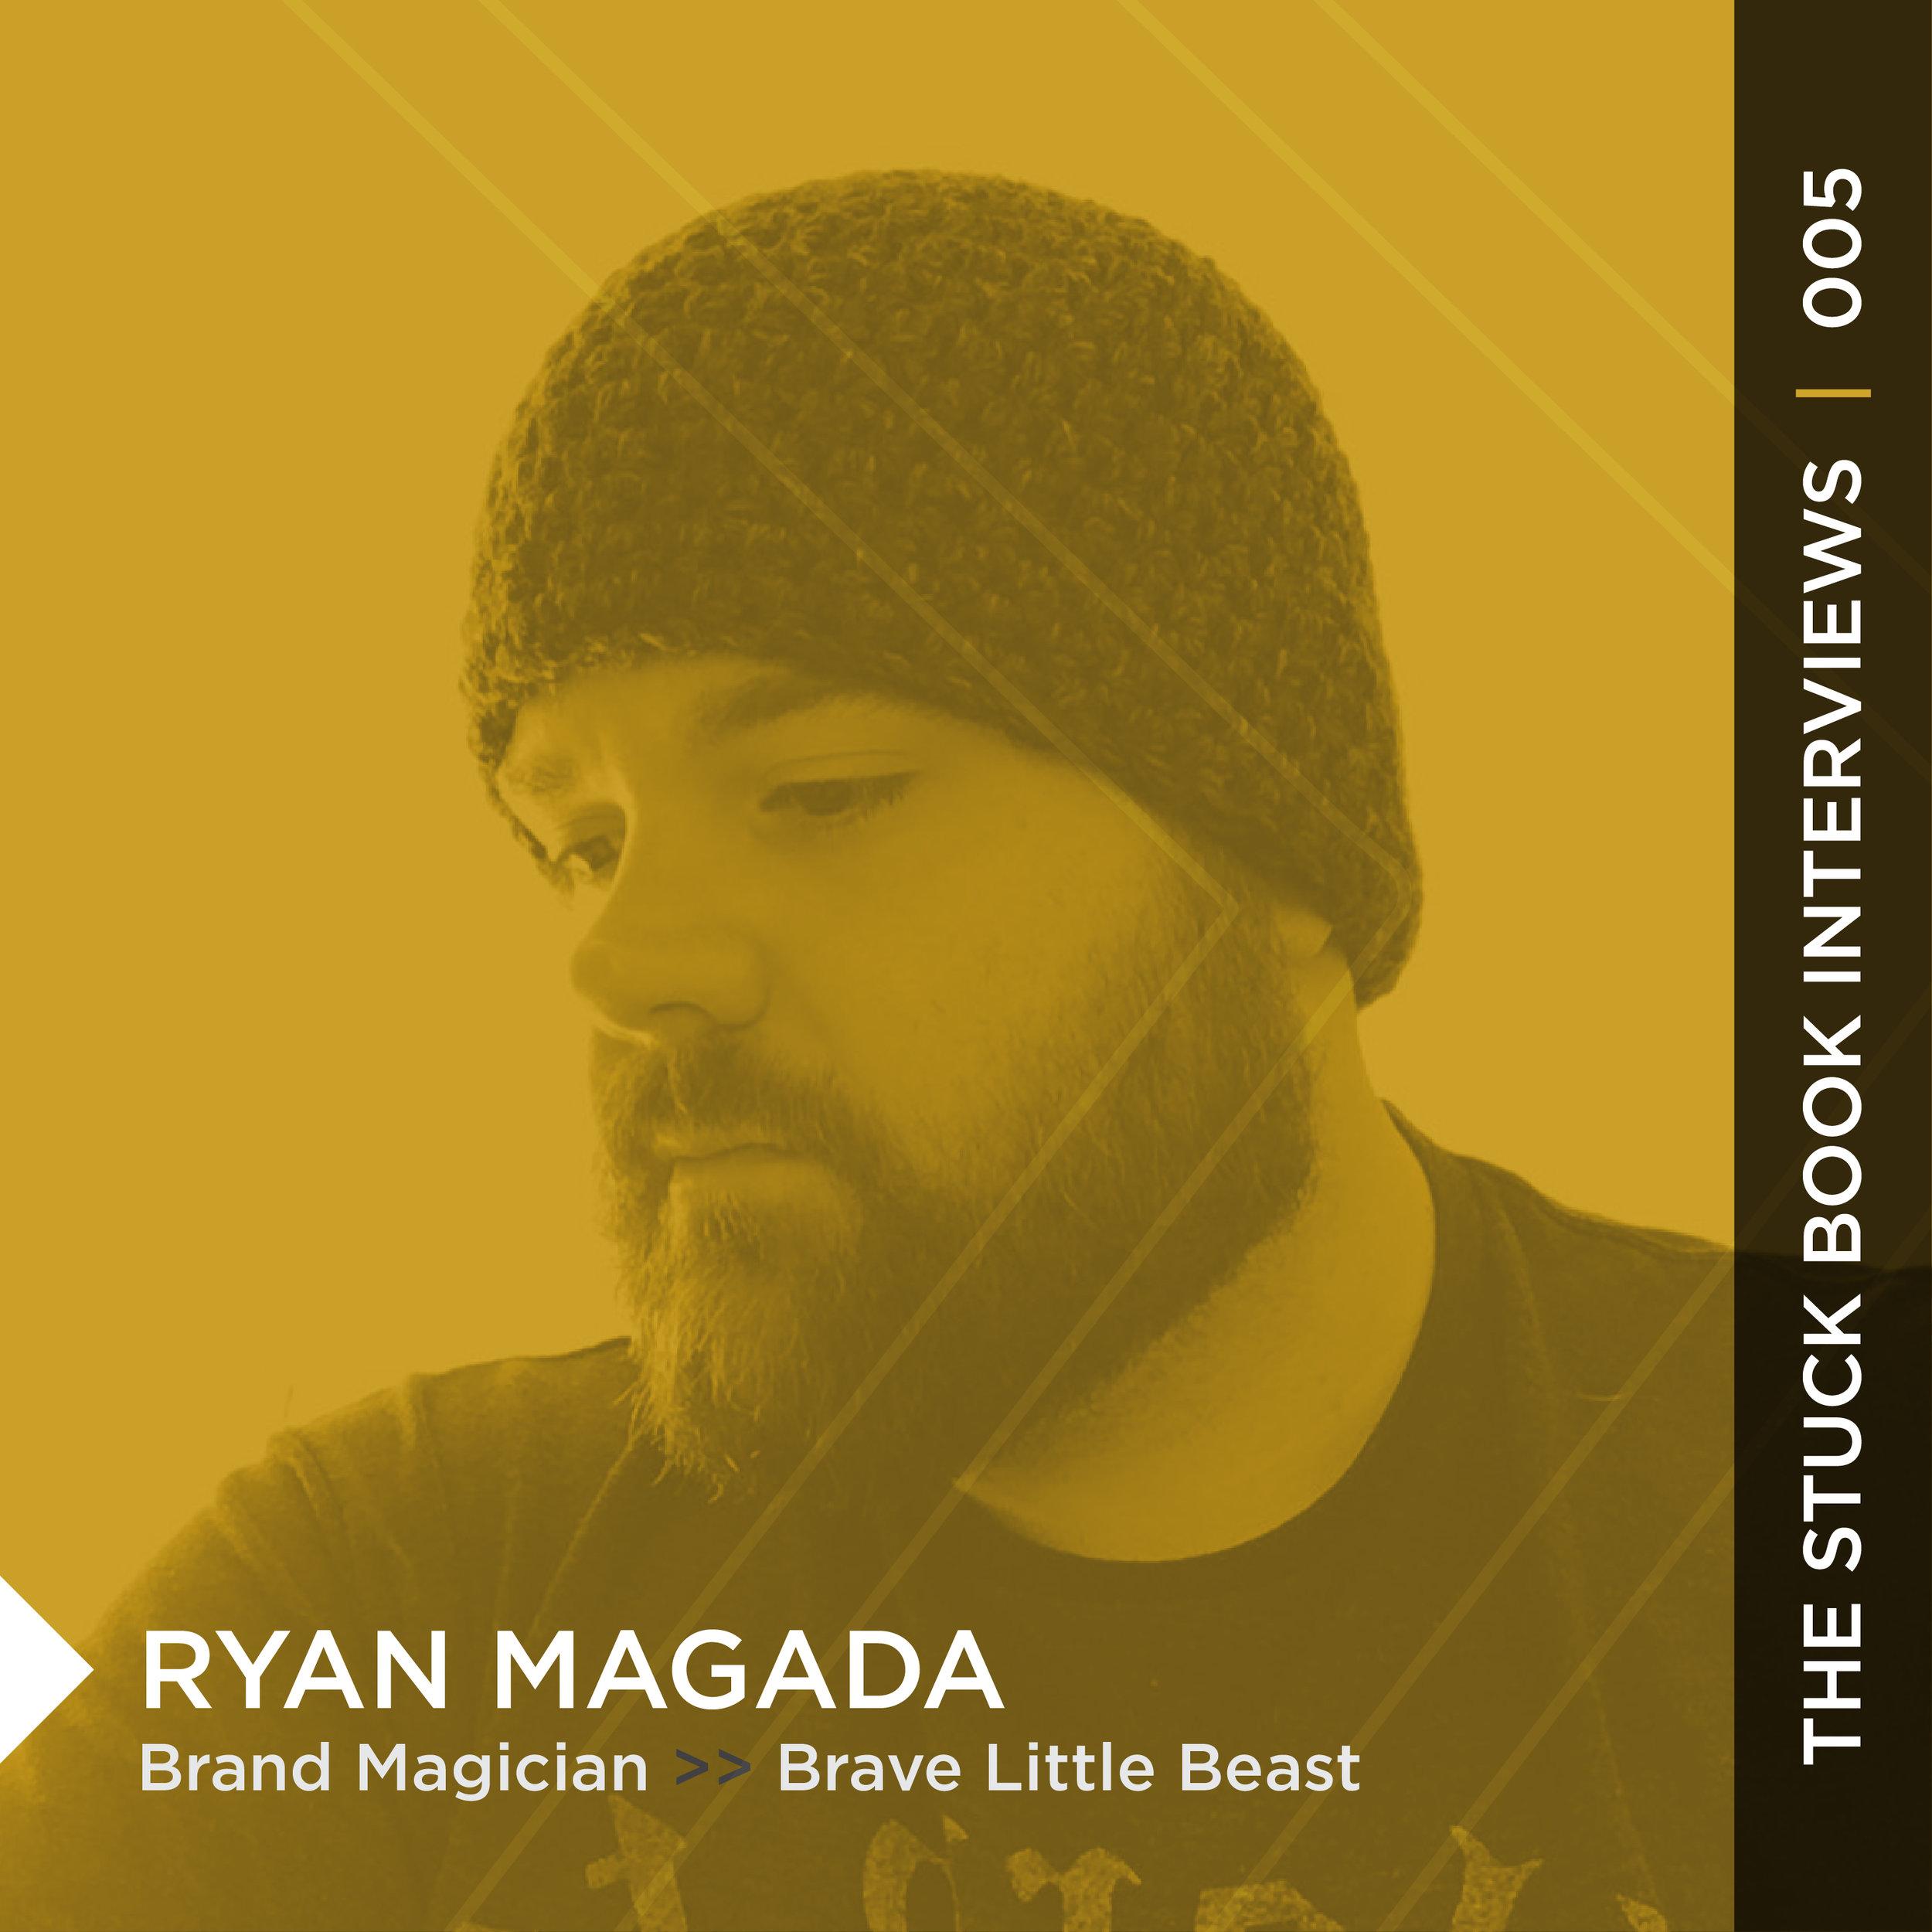 Ryan Magada